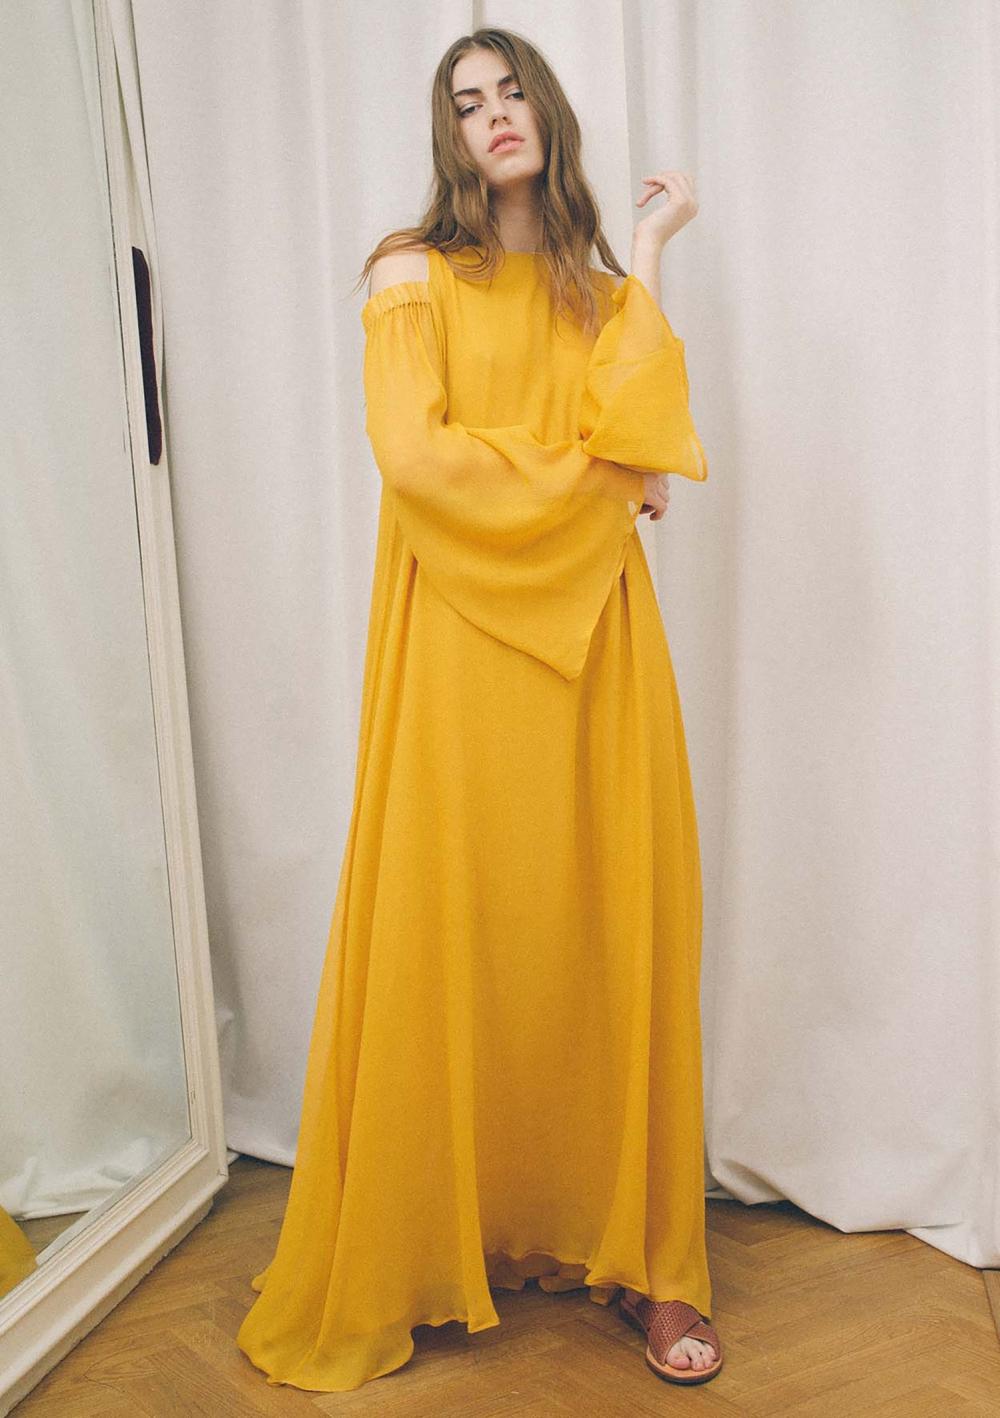 österreichisches Modedesign, Show-off, zeitgenössisches